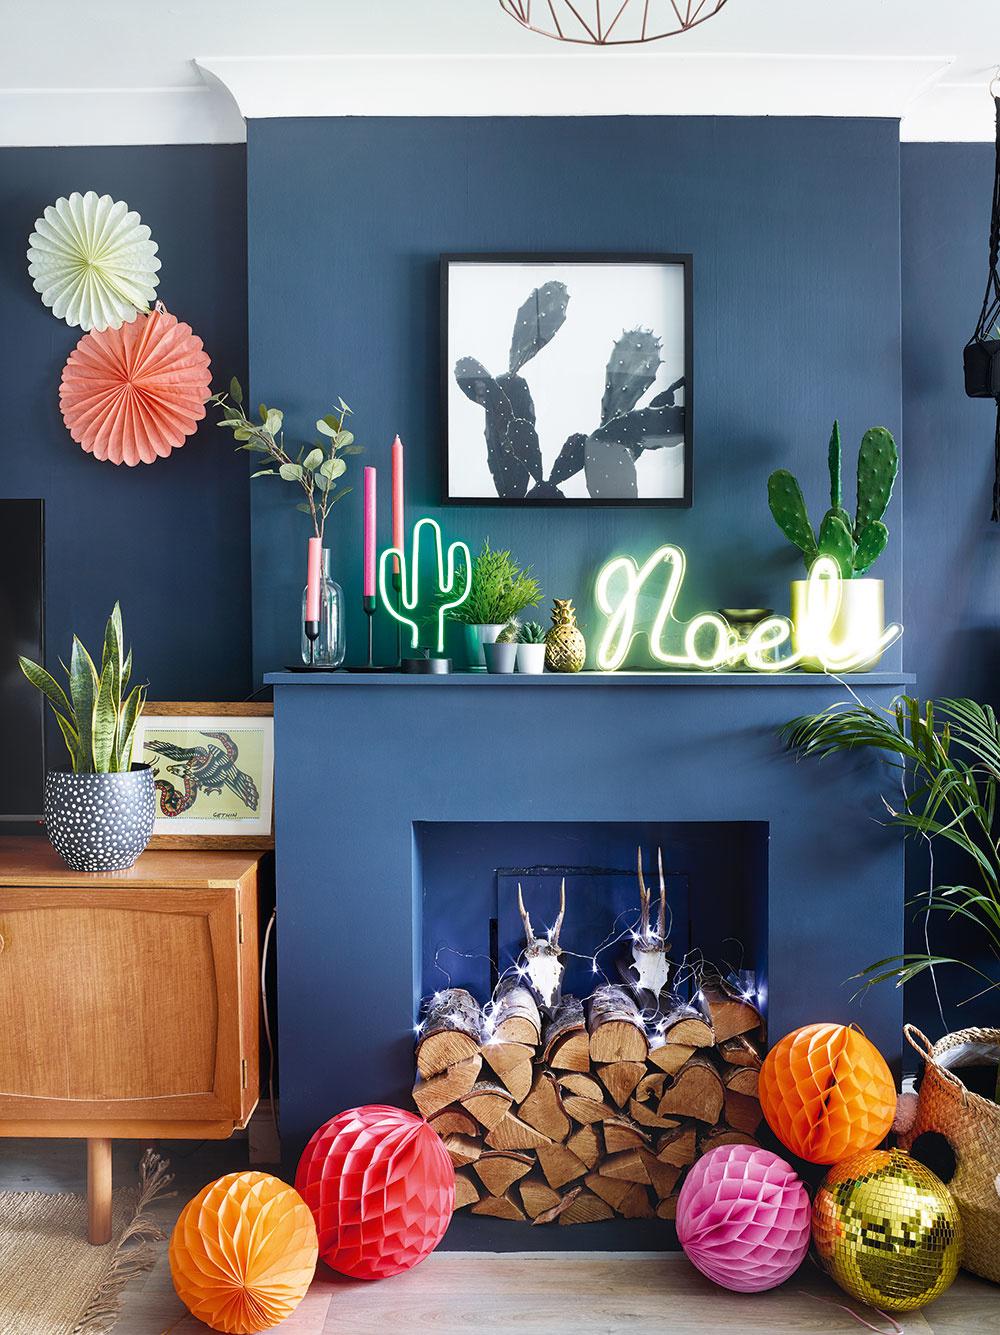 Z krbu vytvorili majitelia domu ústredný prvok. Neónové nápisy, dekorácie vpodobe kaktusov asvetielok vystihujú určitú dávku rebélie, ktorou sa mladý pár prezentuje.